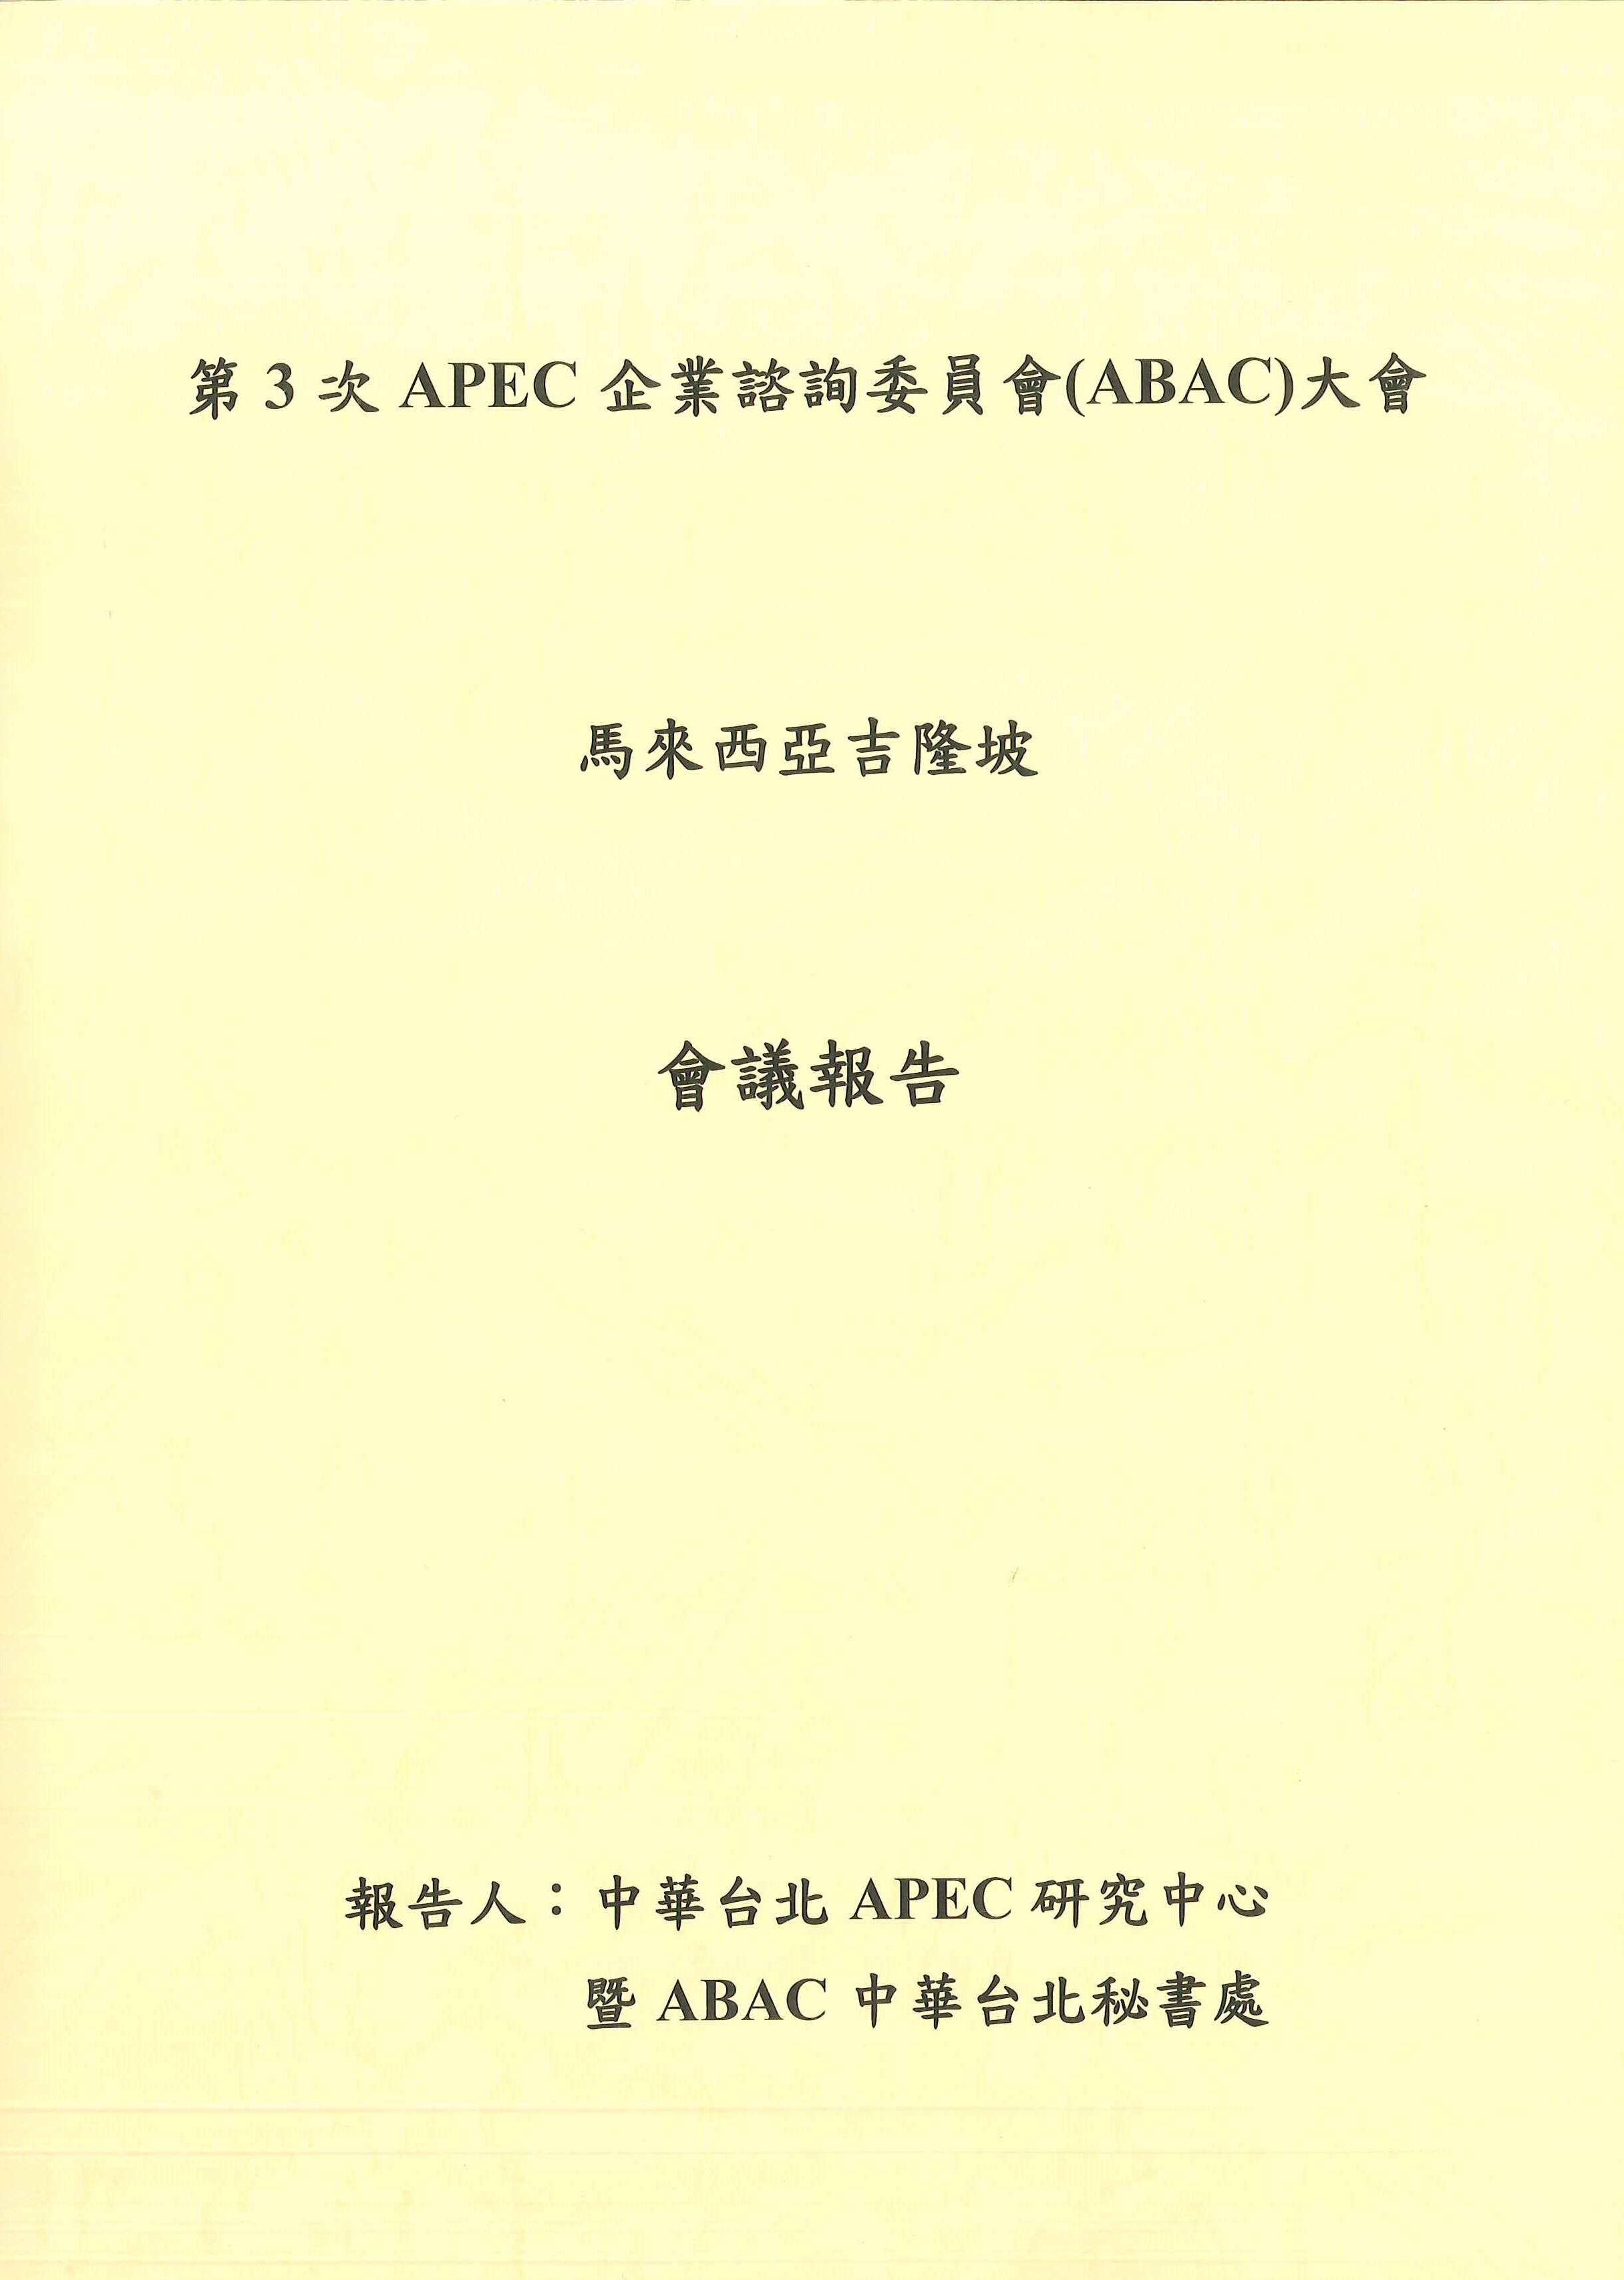 第3次APEC企業諮詢委員會(ABAC)大會馬來西亞吉隆坡會議報告